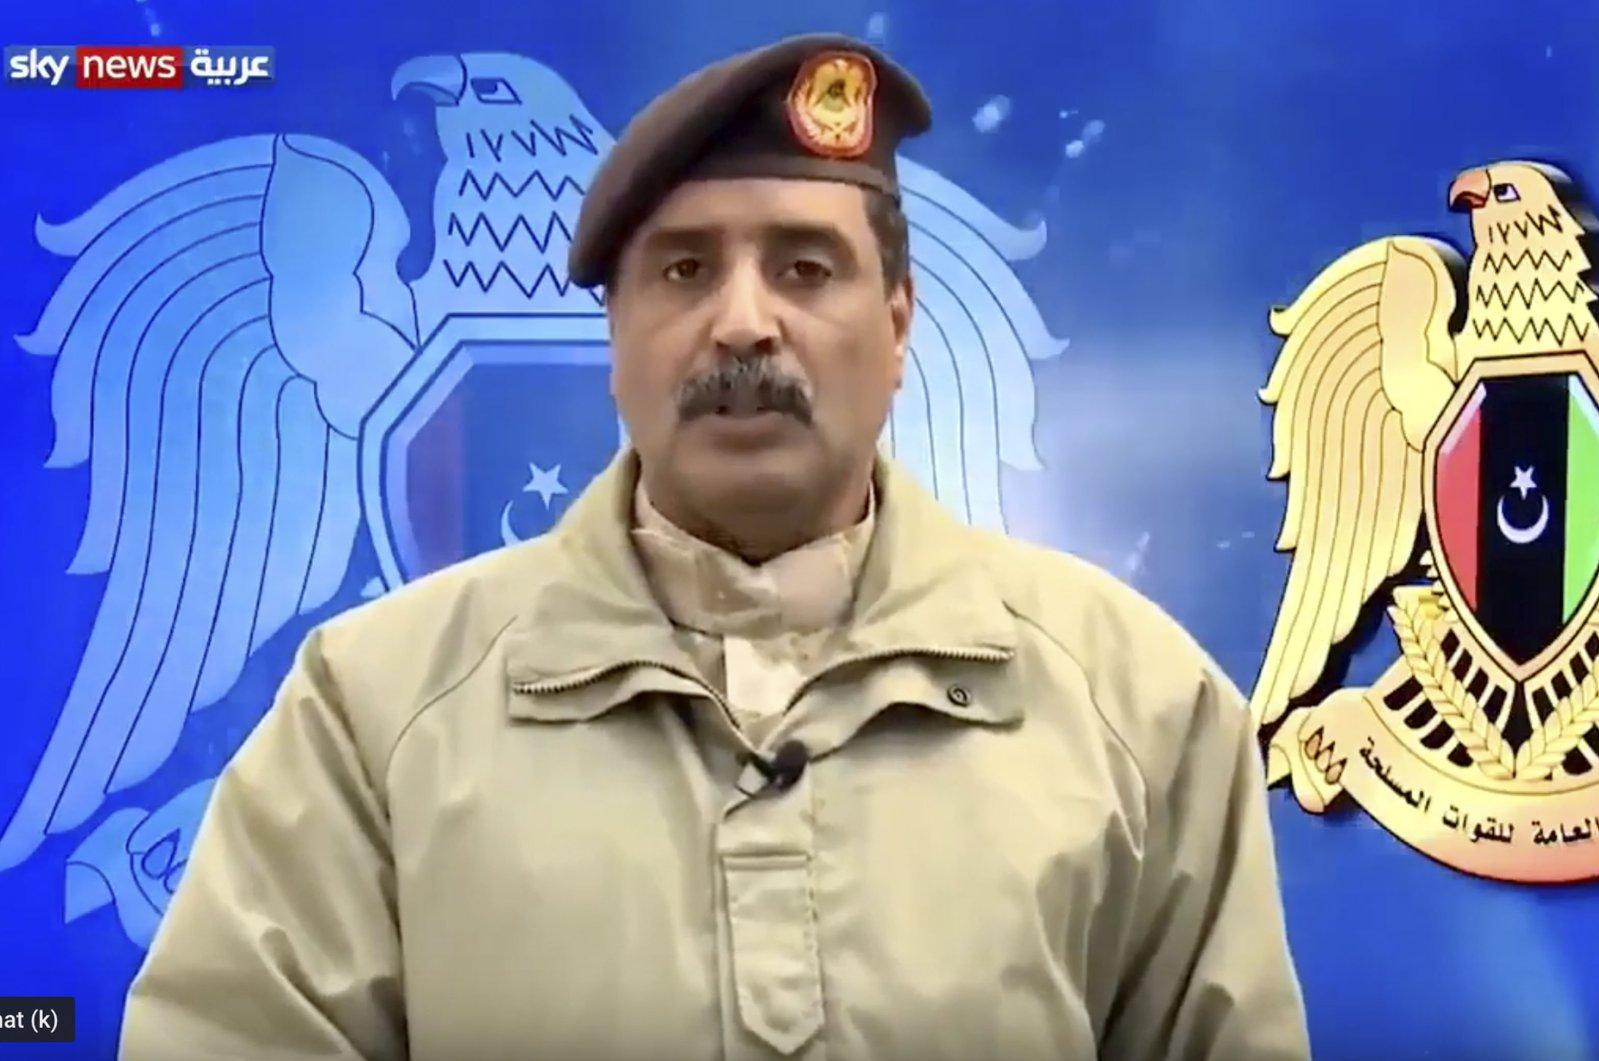 Khalifa Haftar's spokesman Ahmed al-Mismari speaks on Sky News Arabia television, Jan. 15, 2020. (Sabah File Photo)